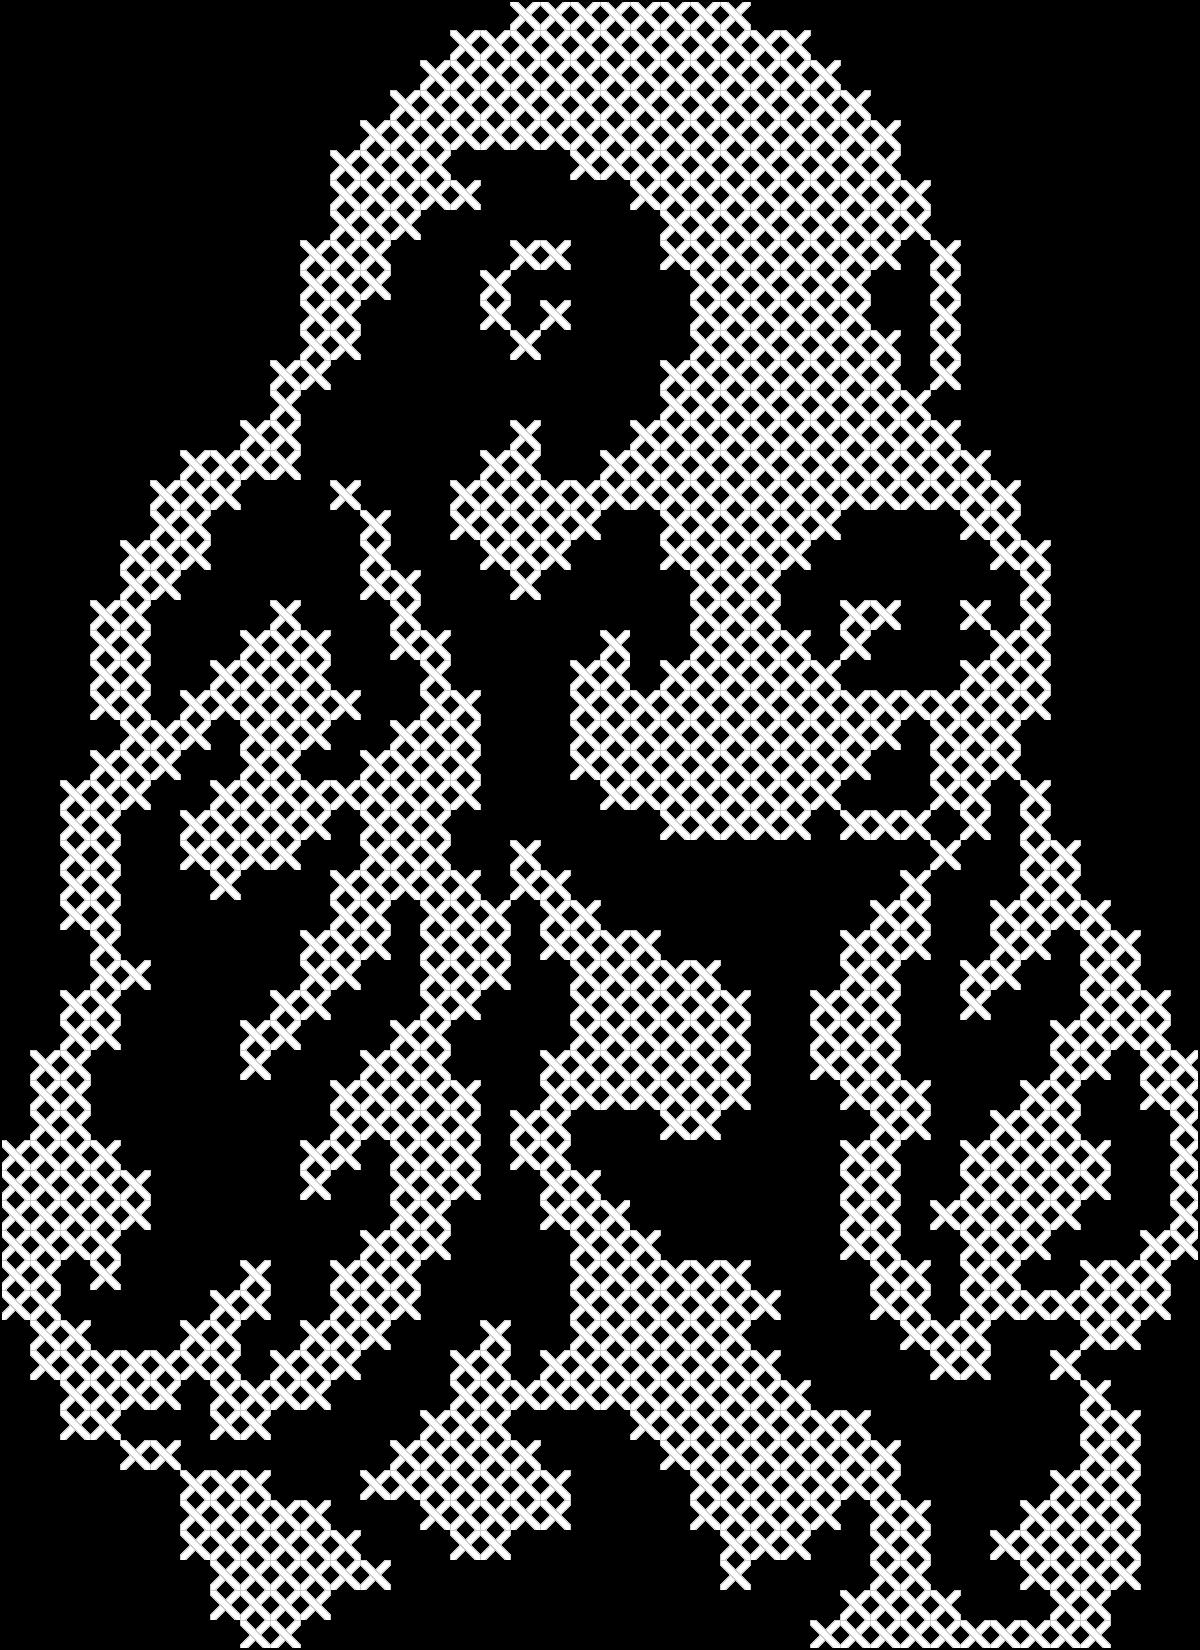 Схемы для вышивки крестом монохром собаки